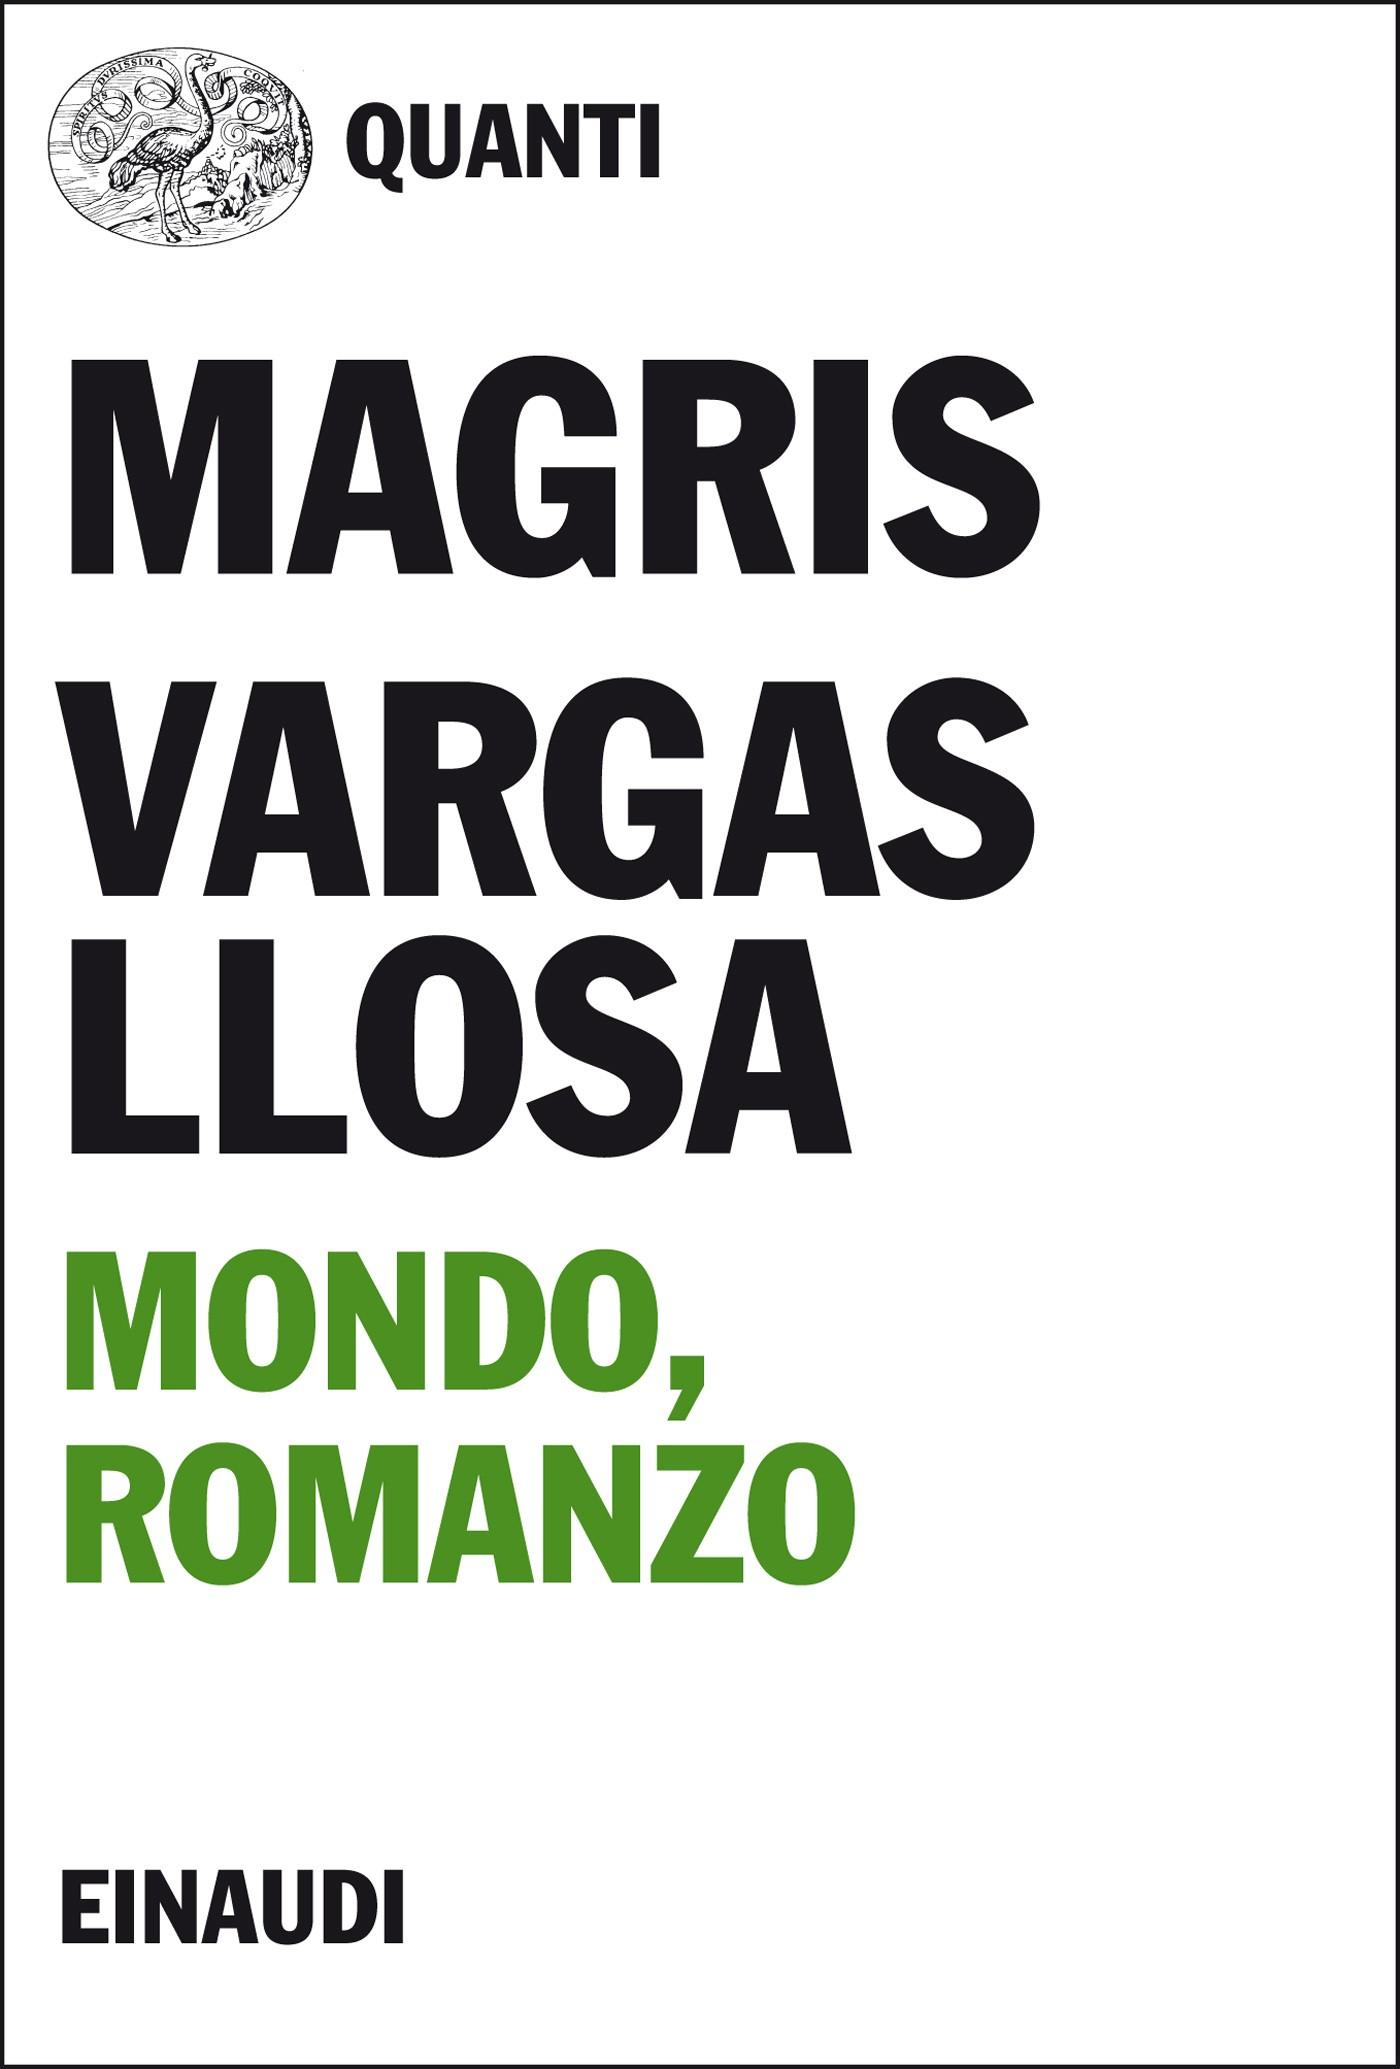 Mondo, Romanzo Ebook Di Mario Vargas Llosa